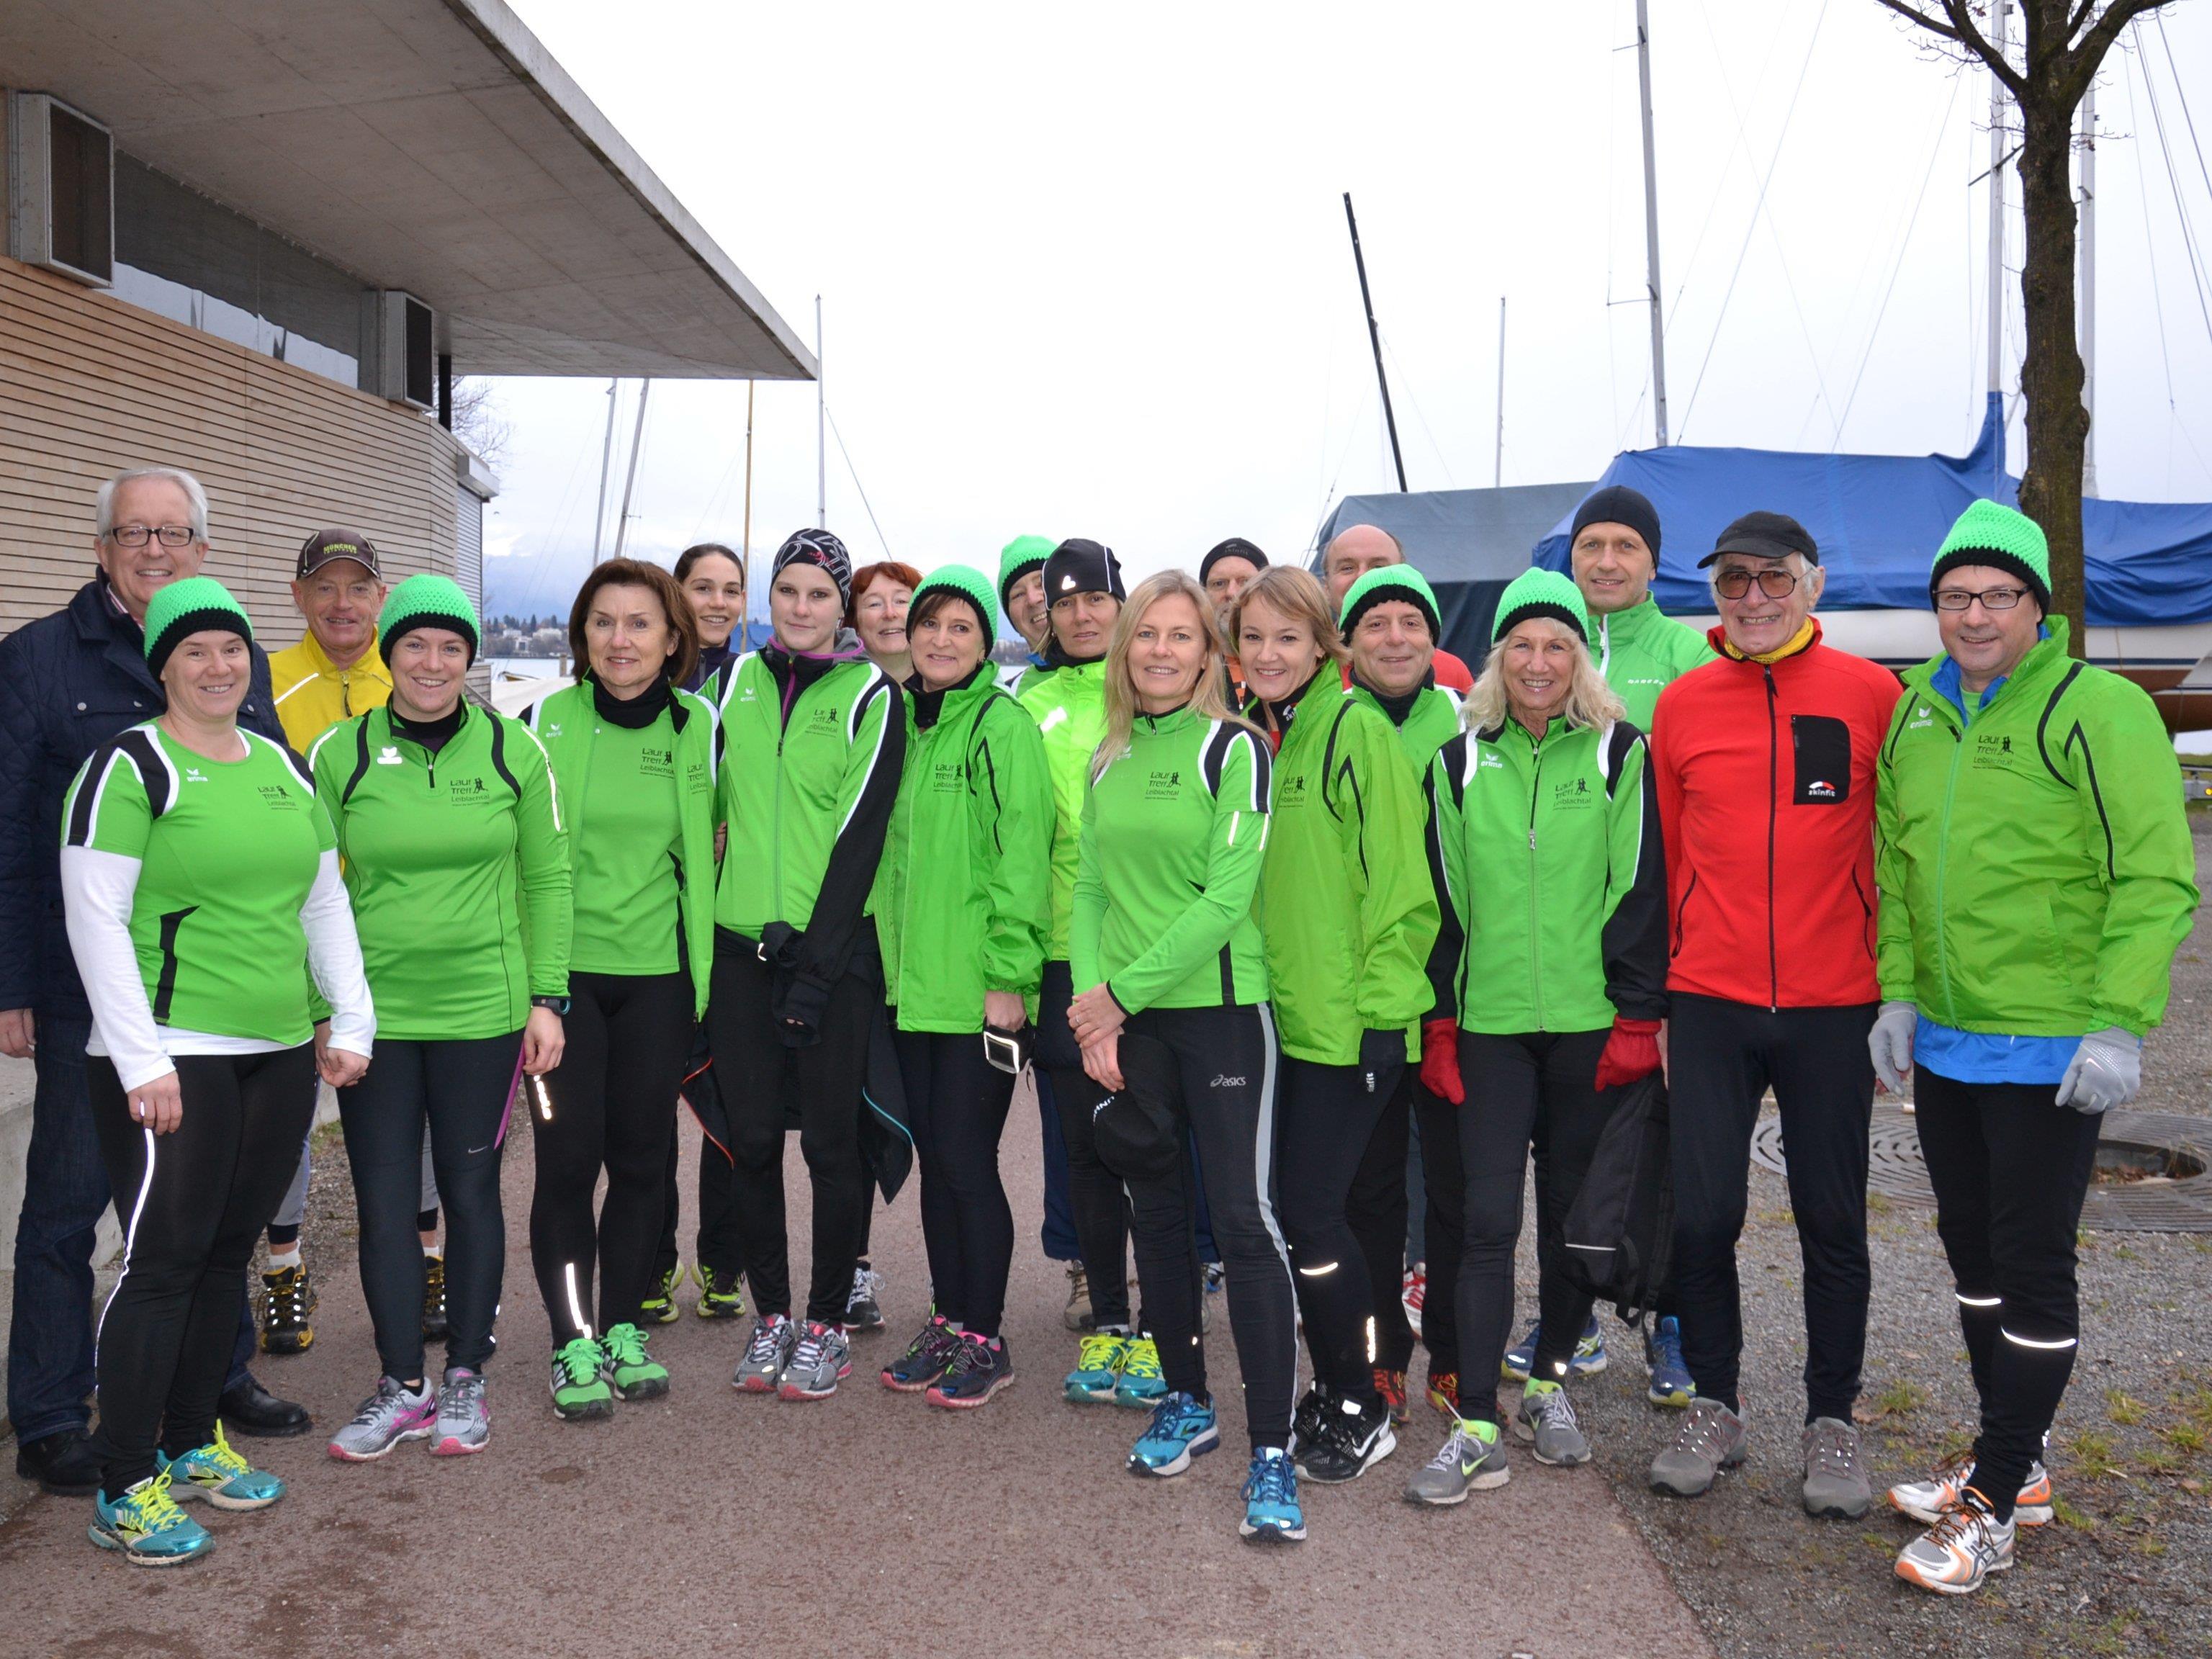 Auch beim 16. Lochauer Dreikönigslauf waren wieder zahlreiche Lochauer Laufsportfreunde aktiv mit dabei.